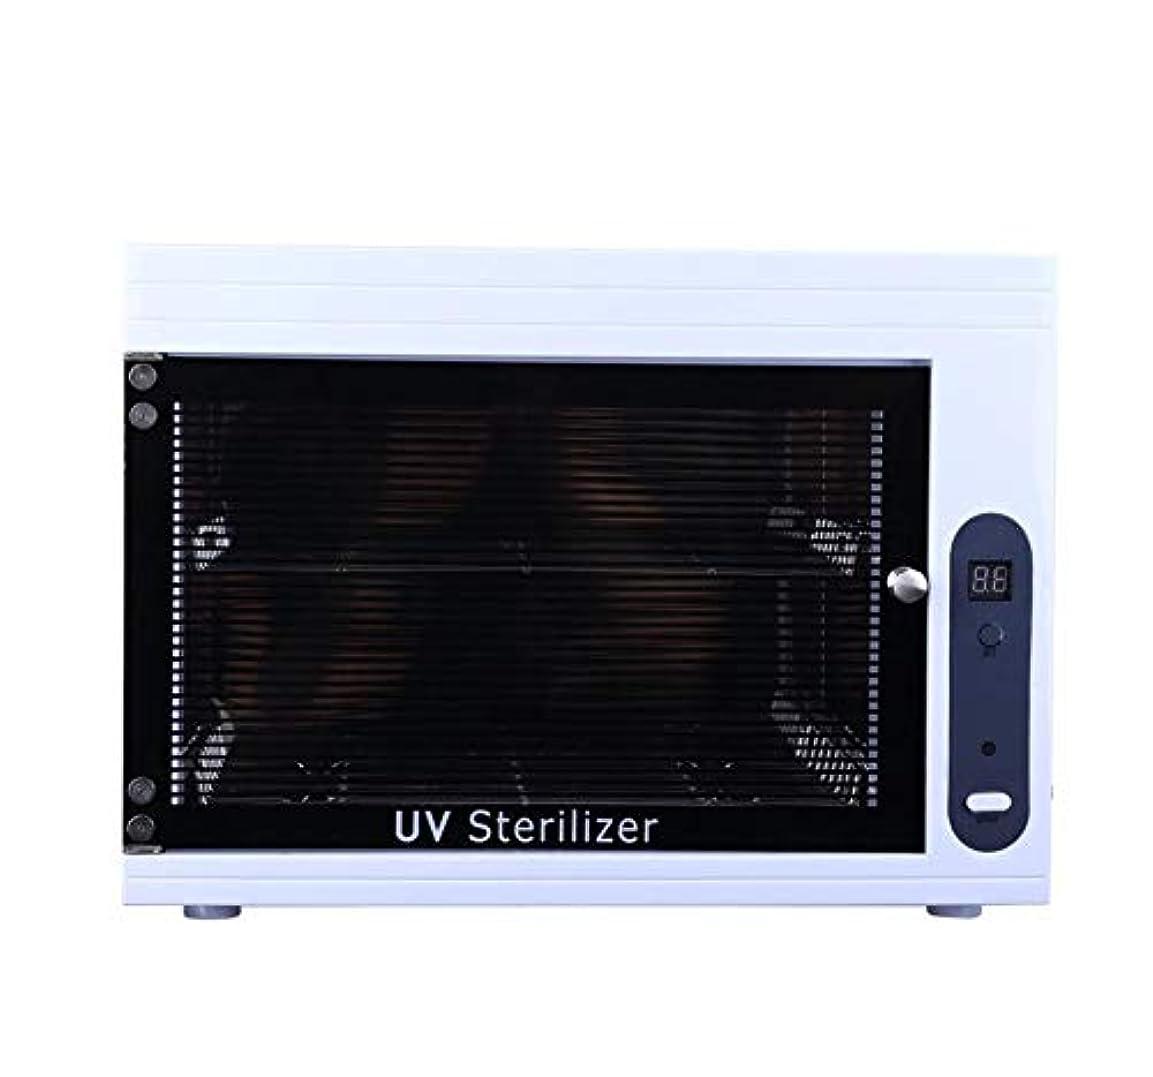 放つ伝える死傷者ネイル滅菌装置UV消毒機消毒キャビネット滅菌ボックス美容サロンマニキュアネイルアートツール機